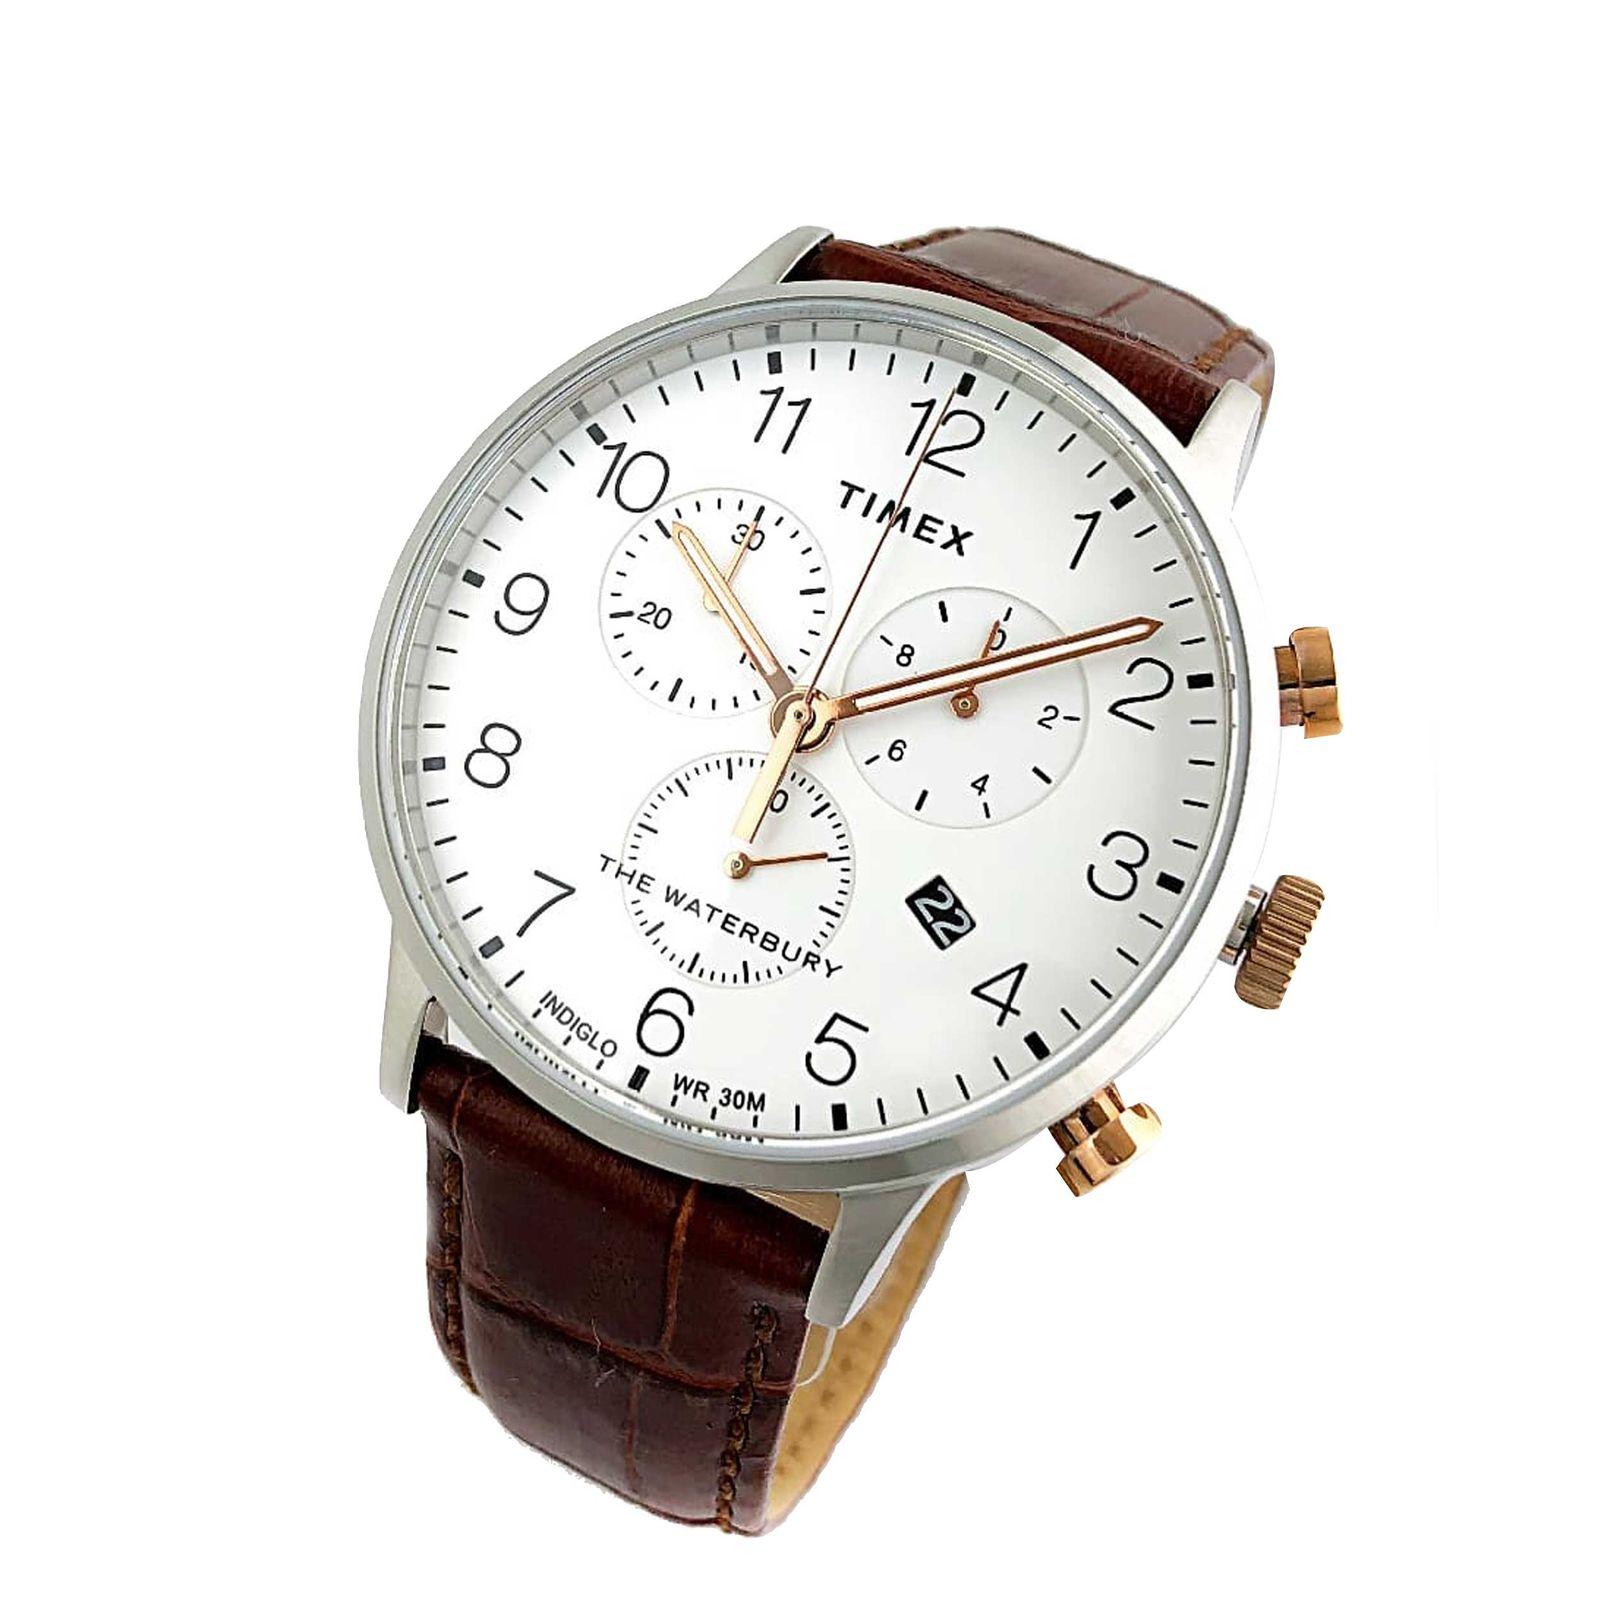 ساعت مچی عقربه ای مردانه تایمکس مدل TW2R72100 -  - 2